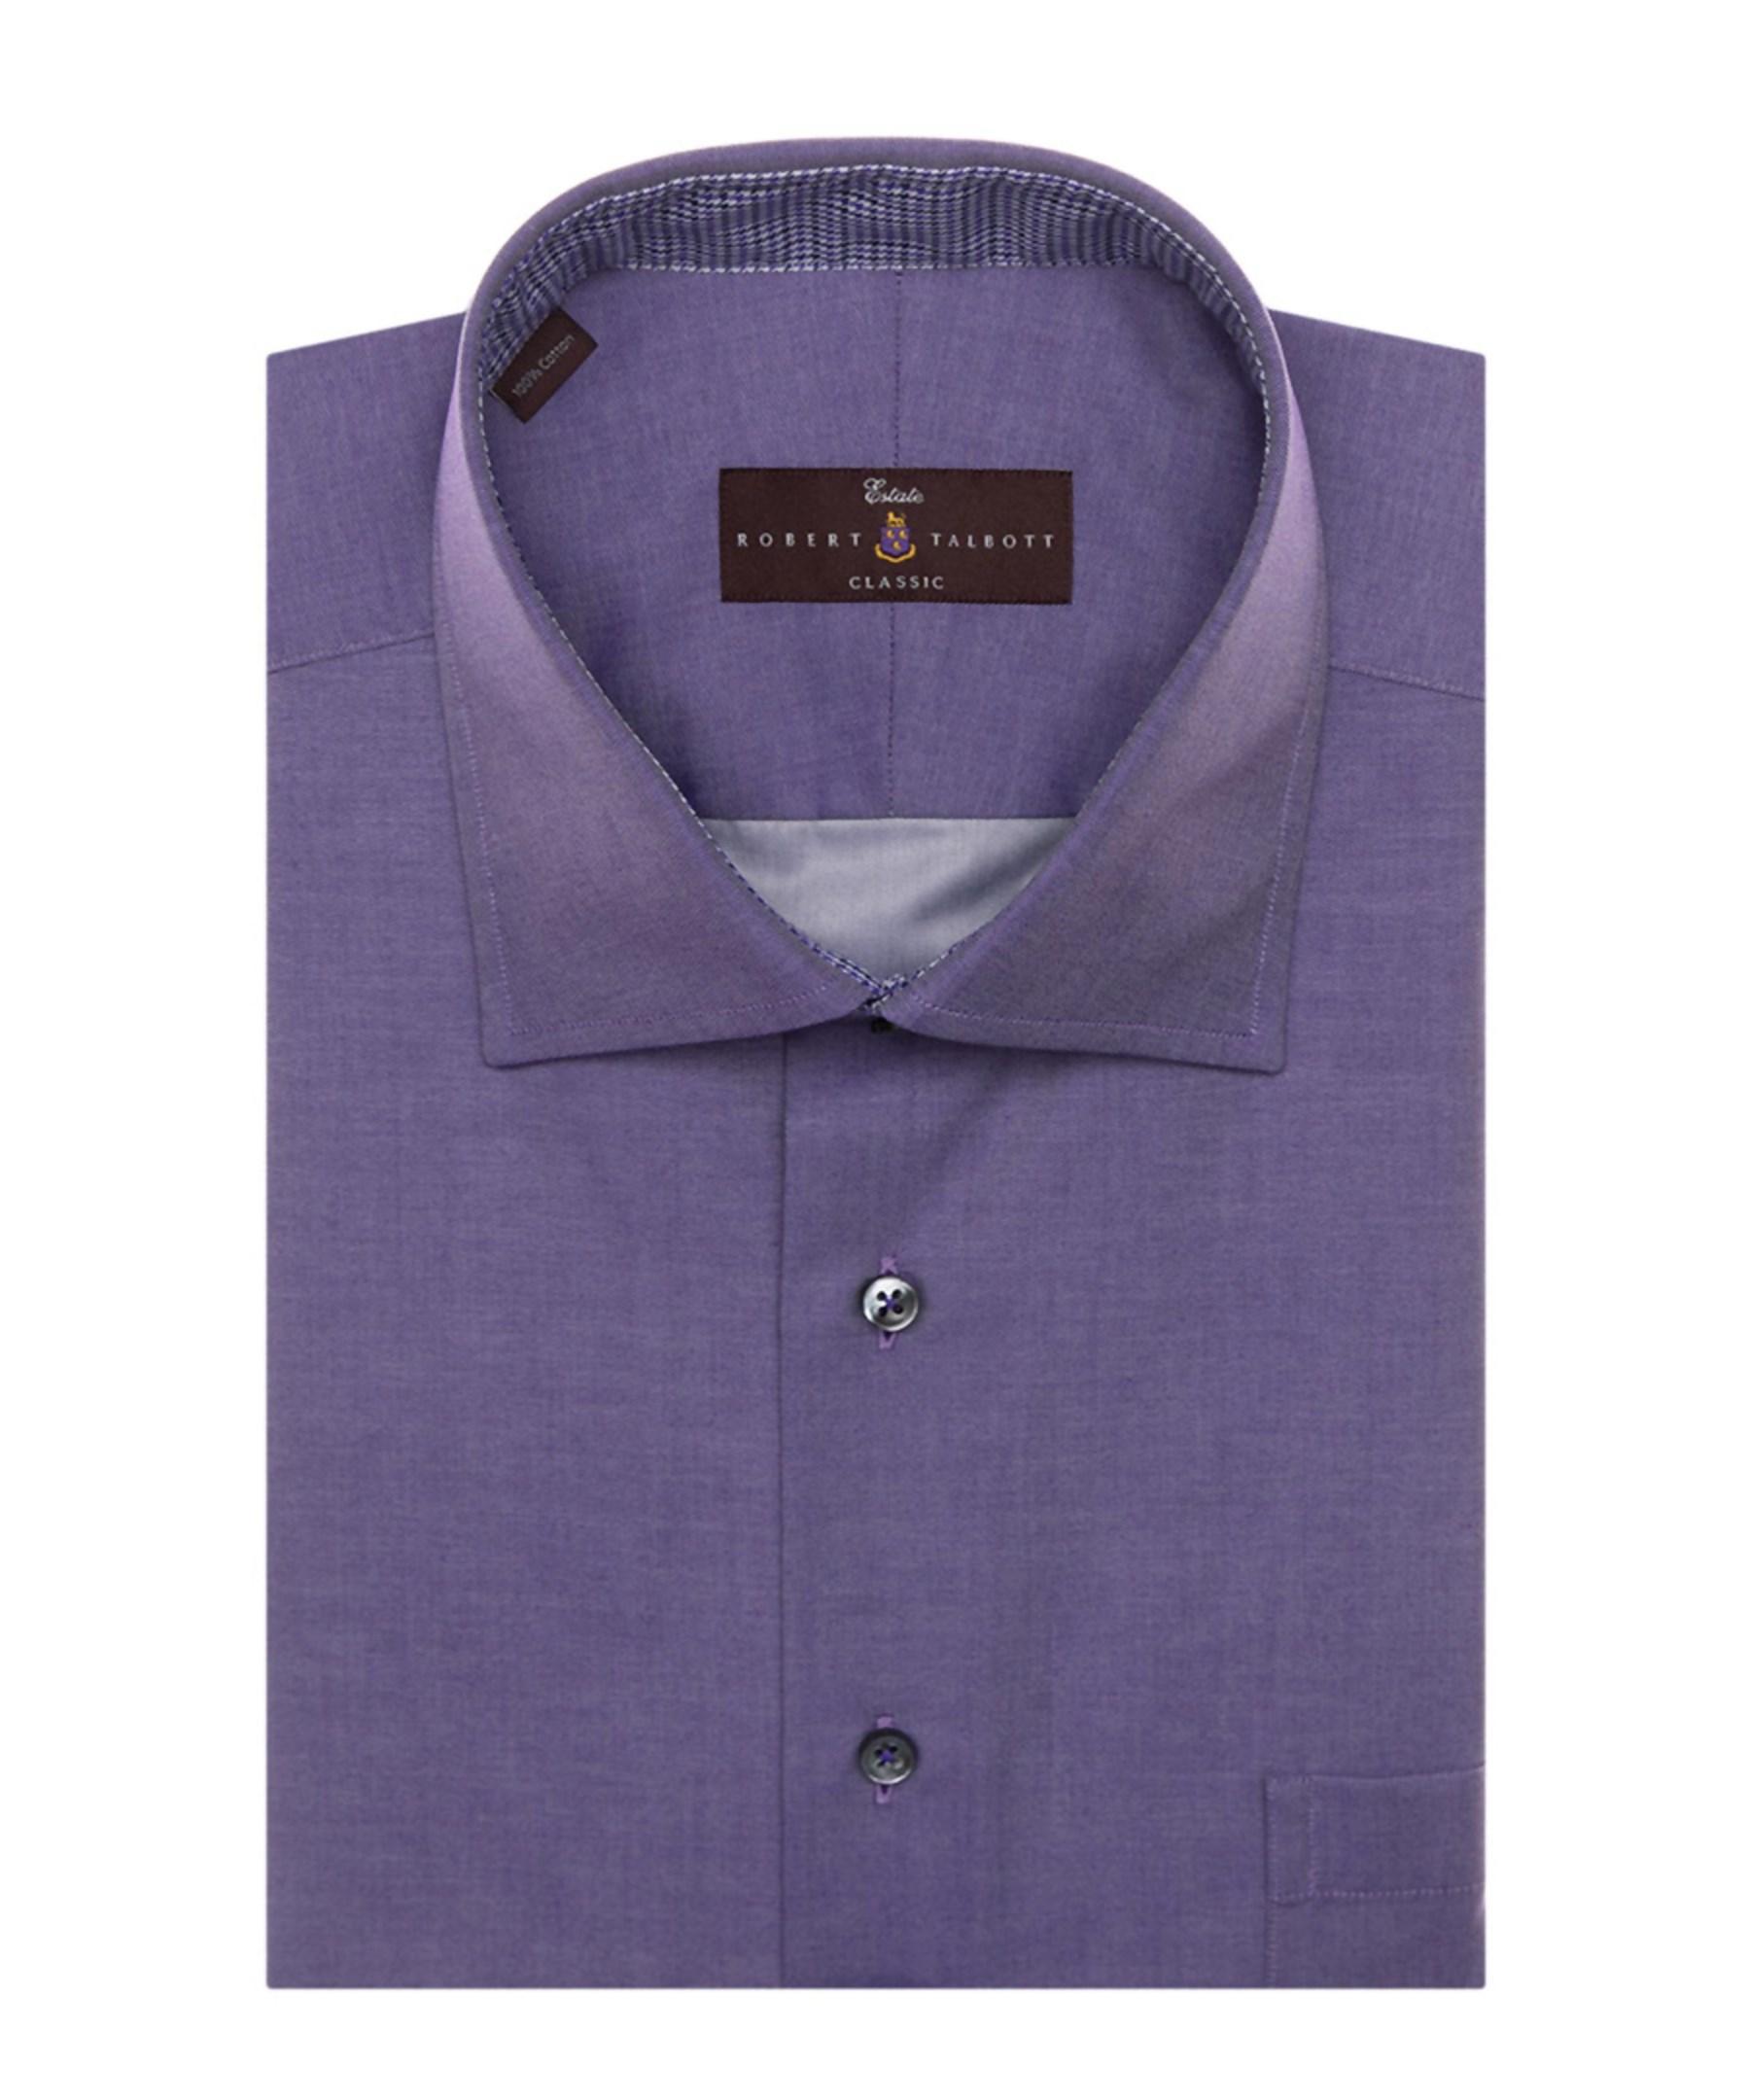 Robert talbott estate sutter classic dress shirt in purple for Robert talbott shirts sale